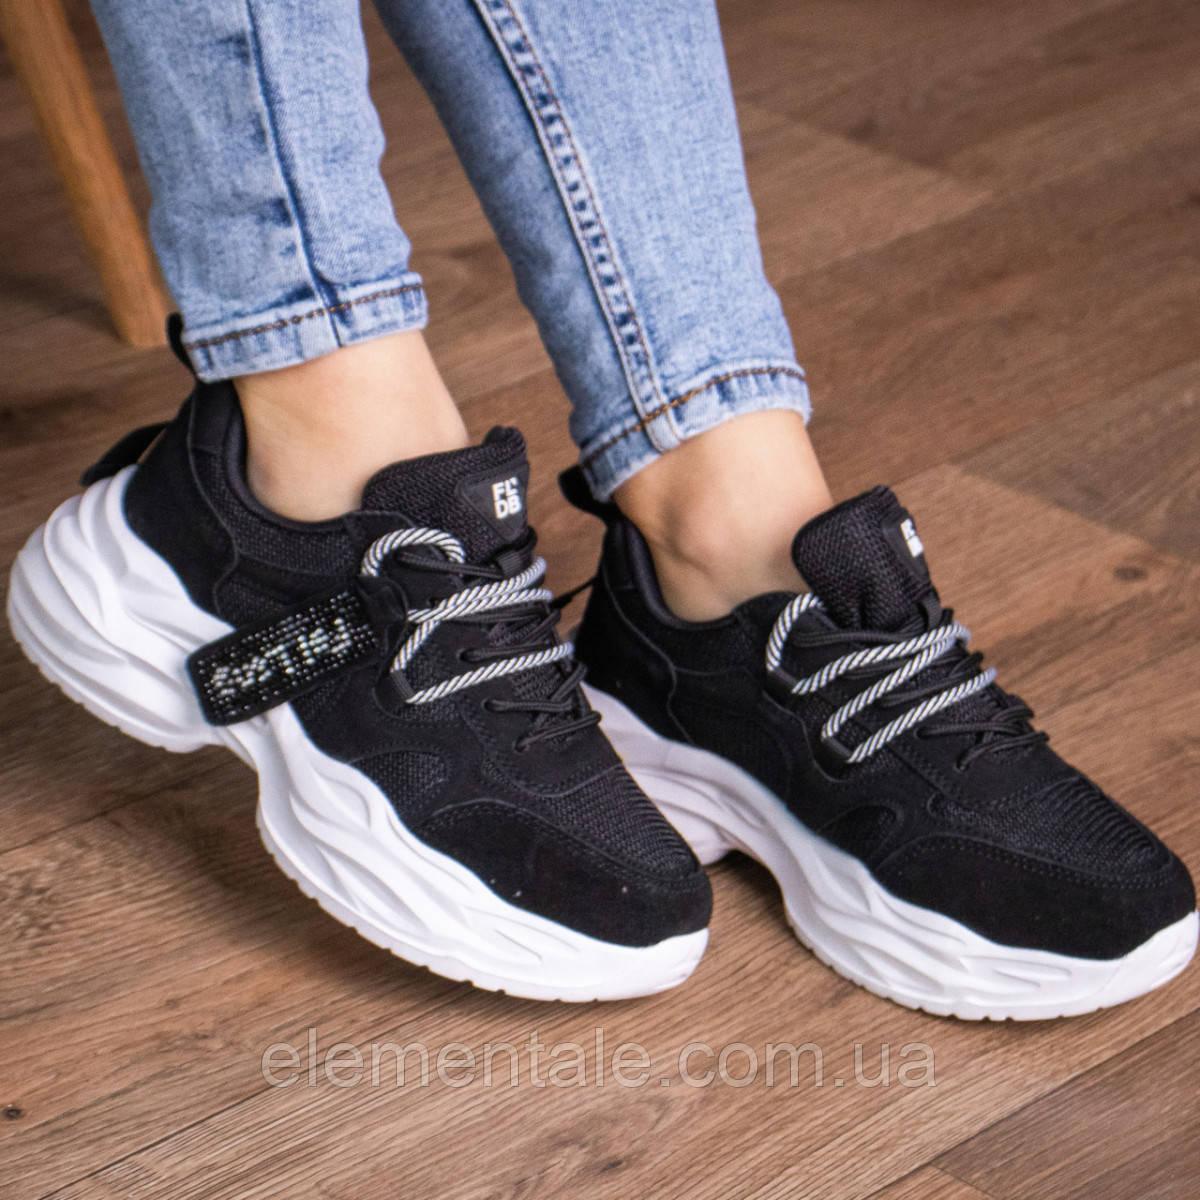 Кросівки жіночі 41 розмір 25,5 см Чорні